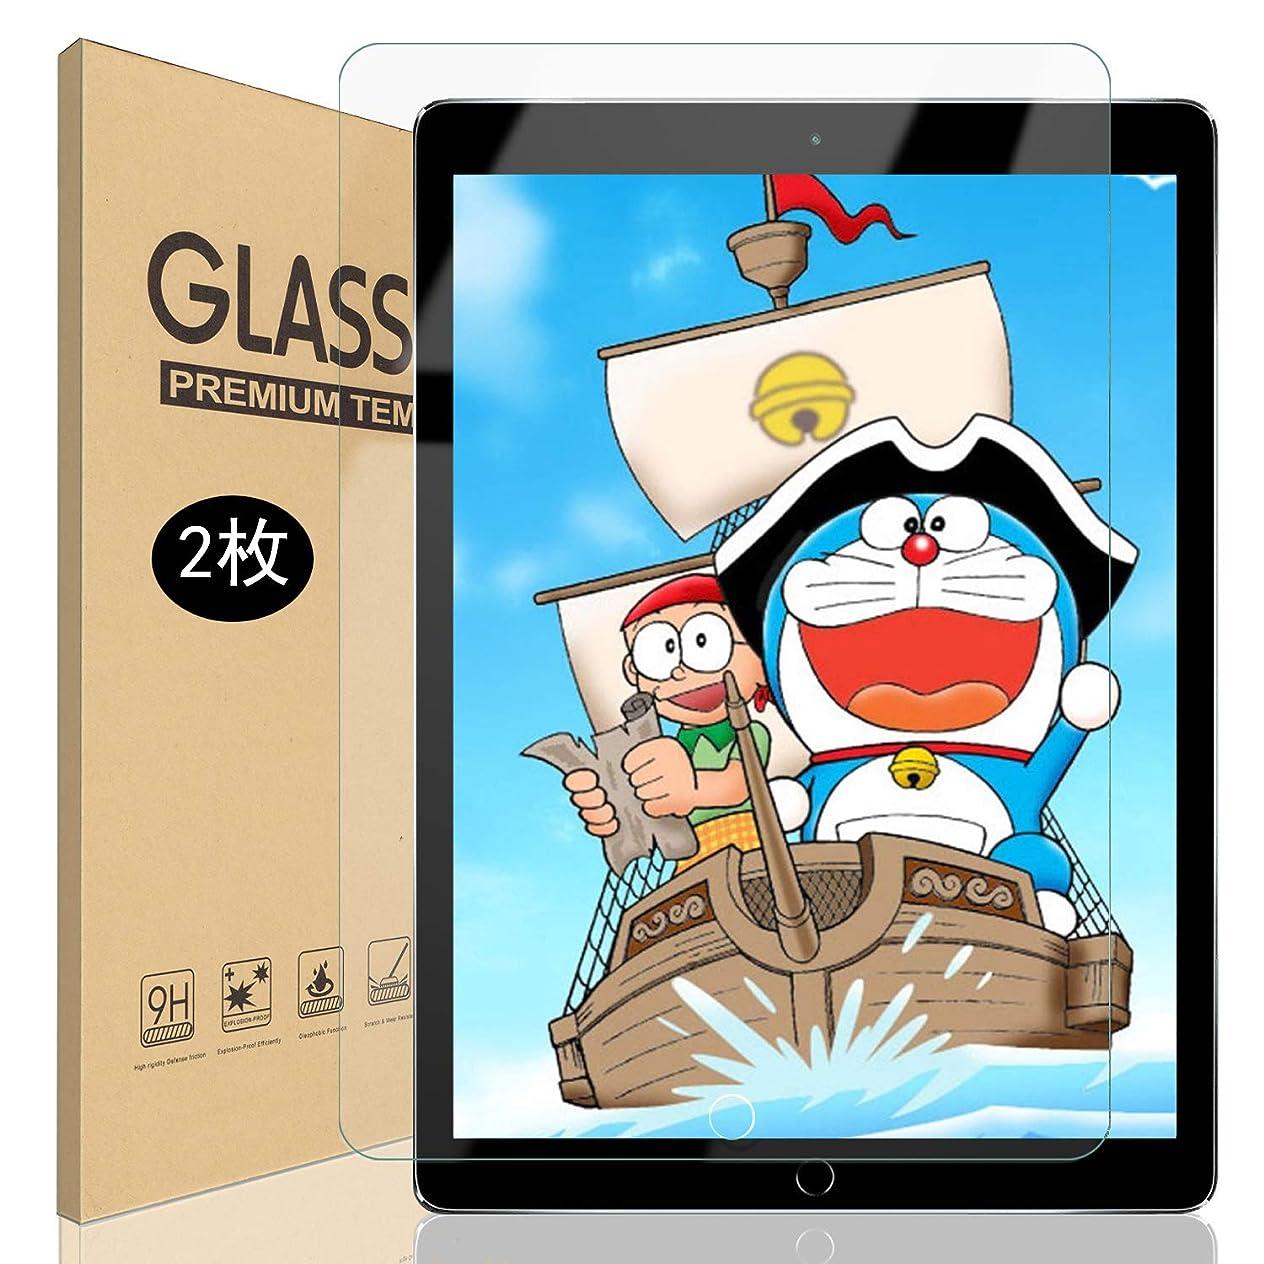 確実する必要があるコメントHoldtech iPad mini5 2019 mini4 ガラスフィルム ipad mini 5/mini 4 フィルム 2枚入り 強化ガラス液晶保護フィルム 目の疲れ軽減 旭硝子製 高透過率 気泡ゼロ 硬度9H 飛散防止 指紋防止 自動吸着 iPad mini5/4 2019 対応